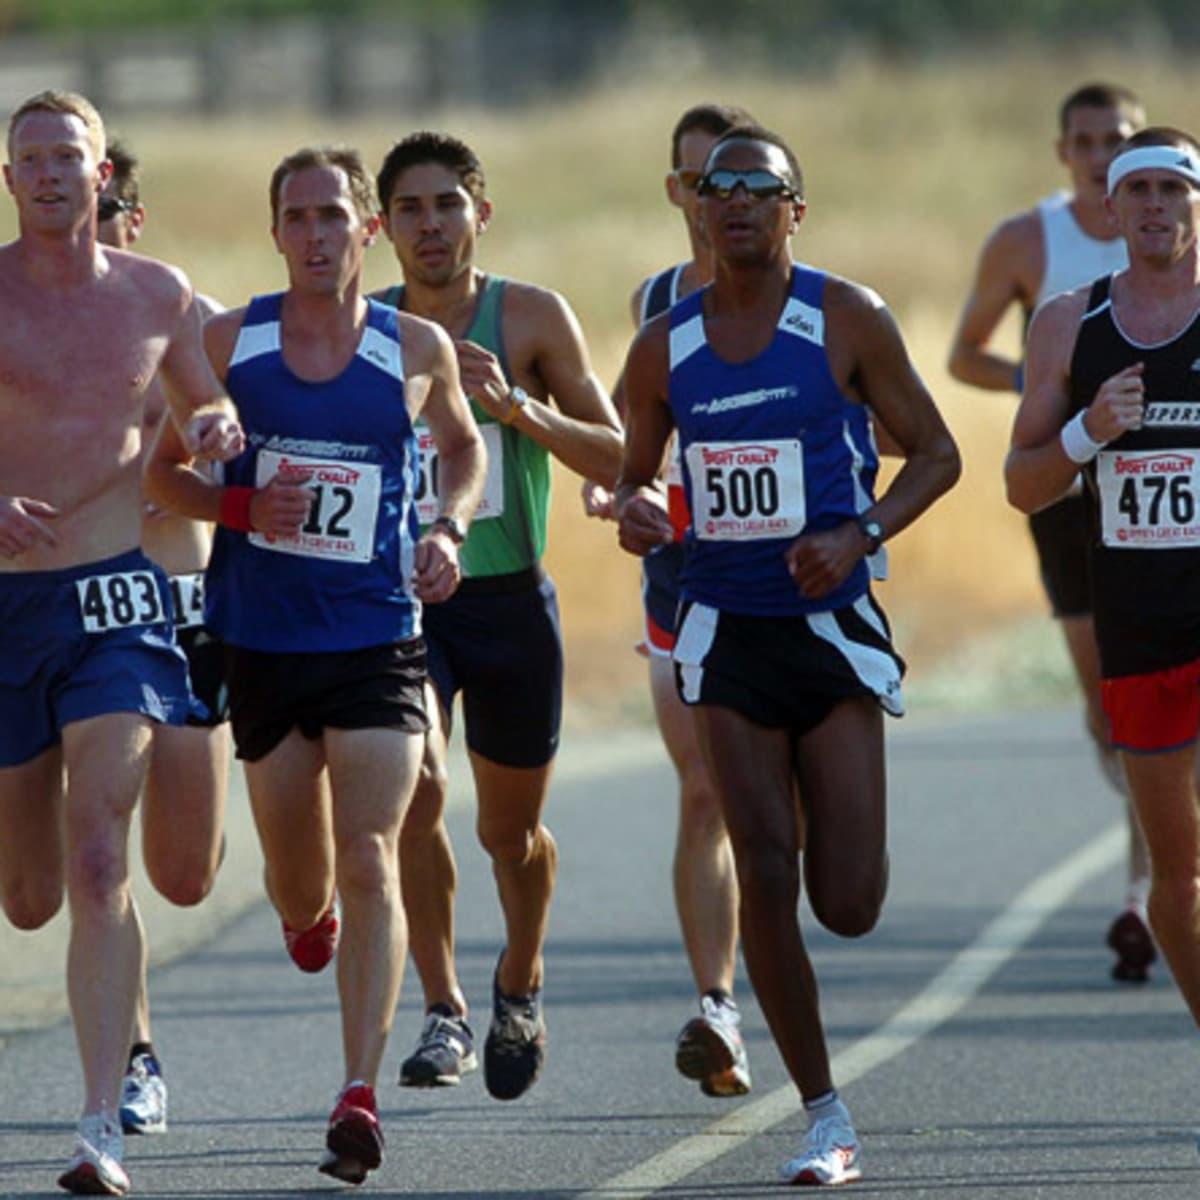 News_Ironman_runners_race